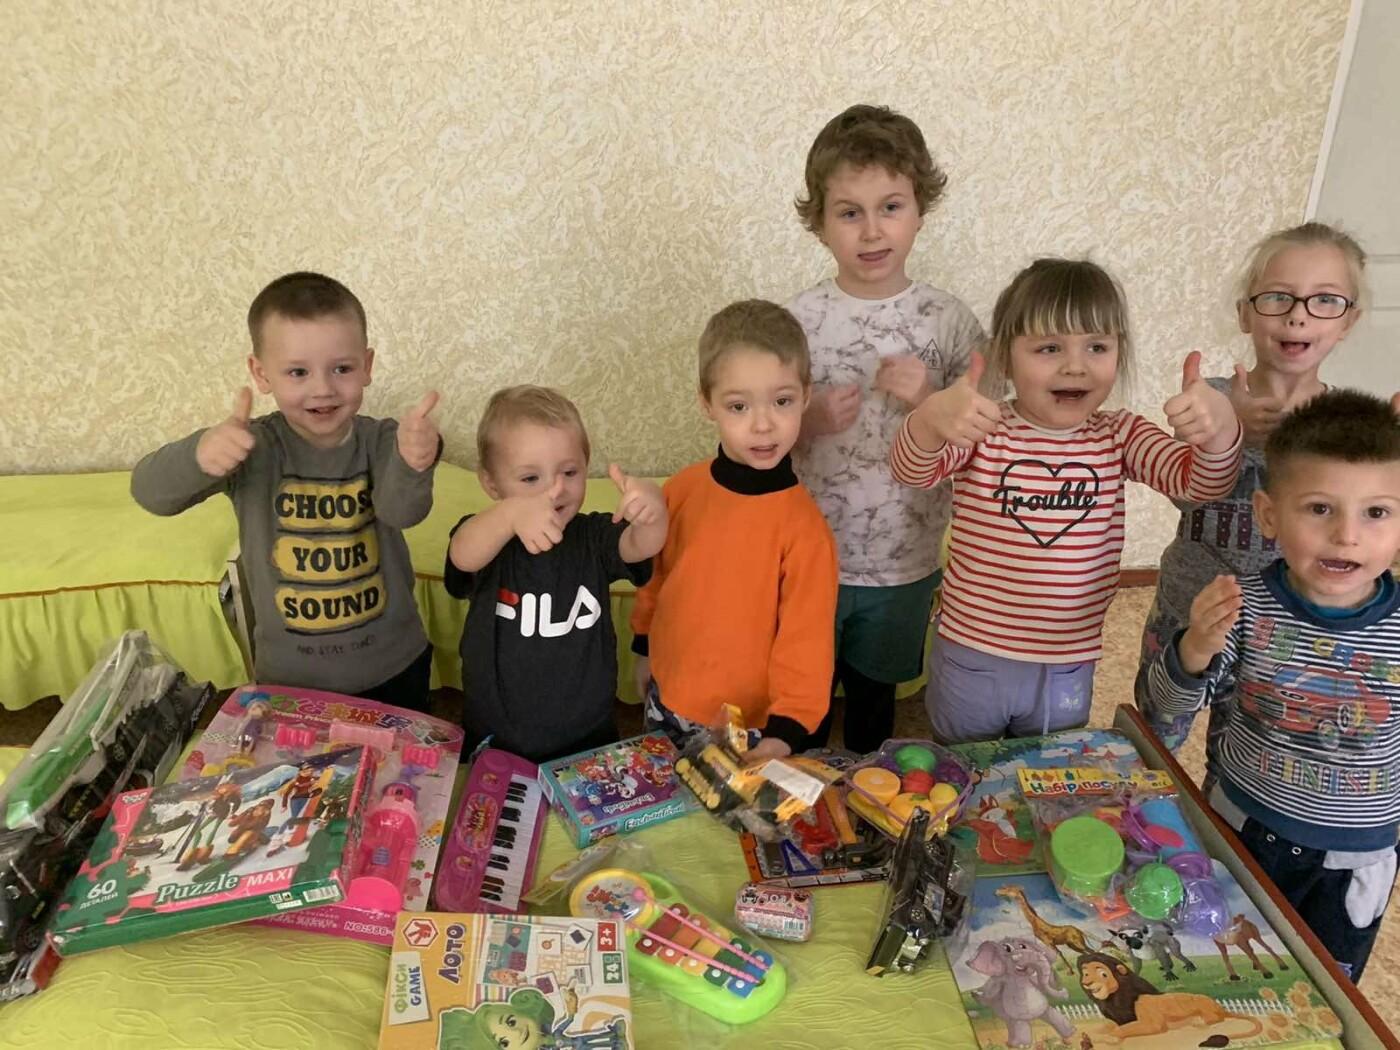 Акция добра: школьники поздравили малышей с Днём Святого Николая, фото-1